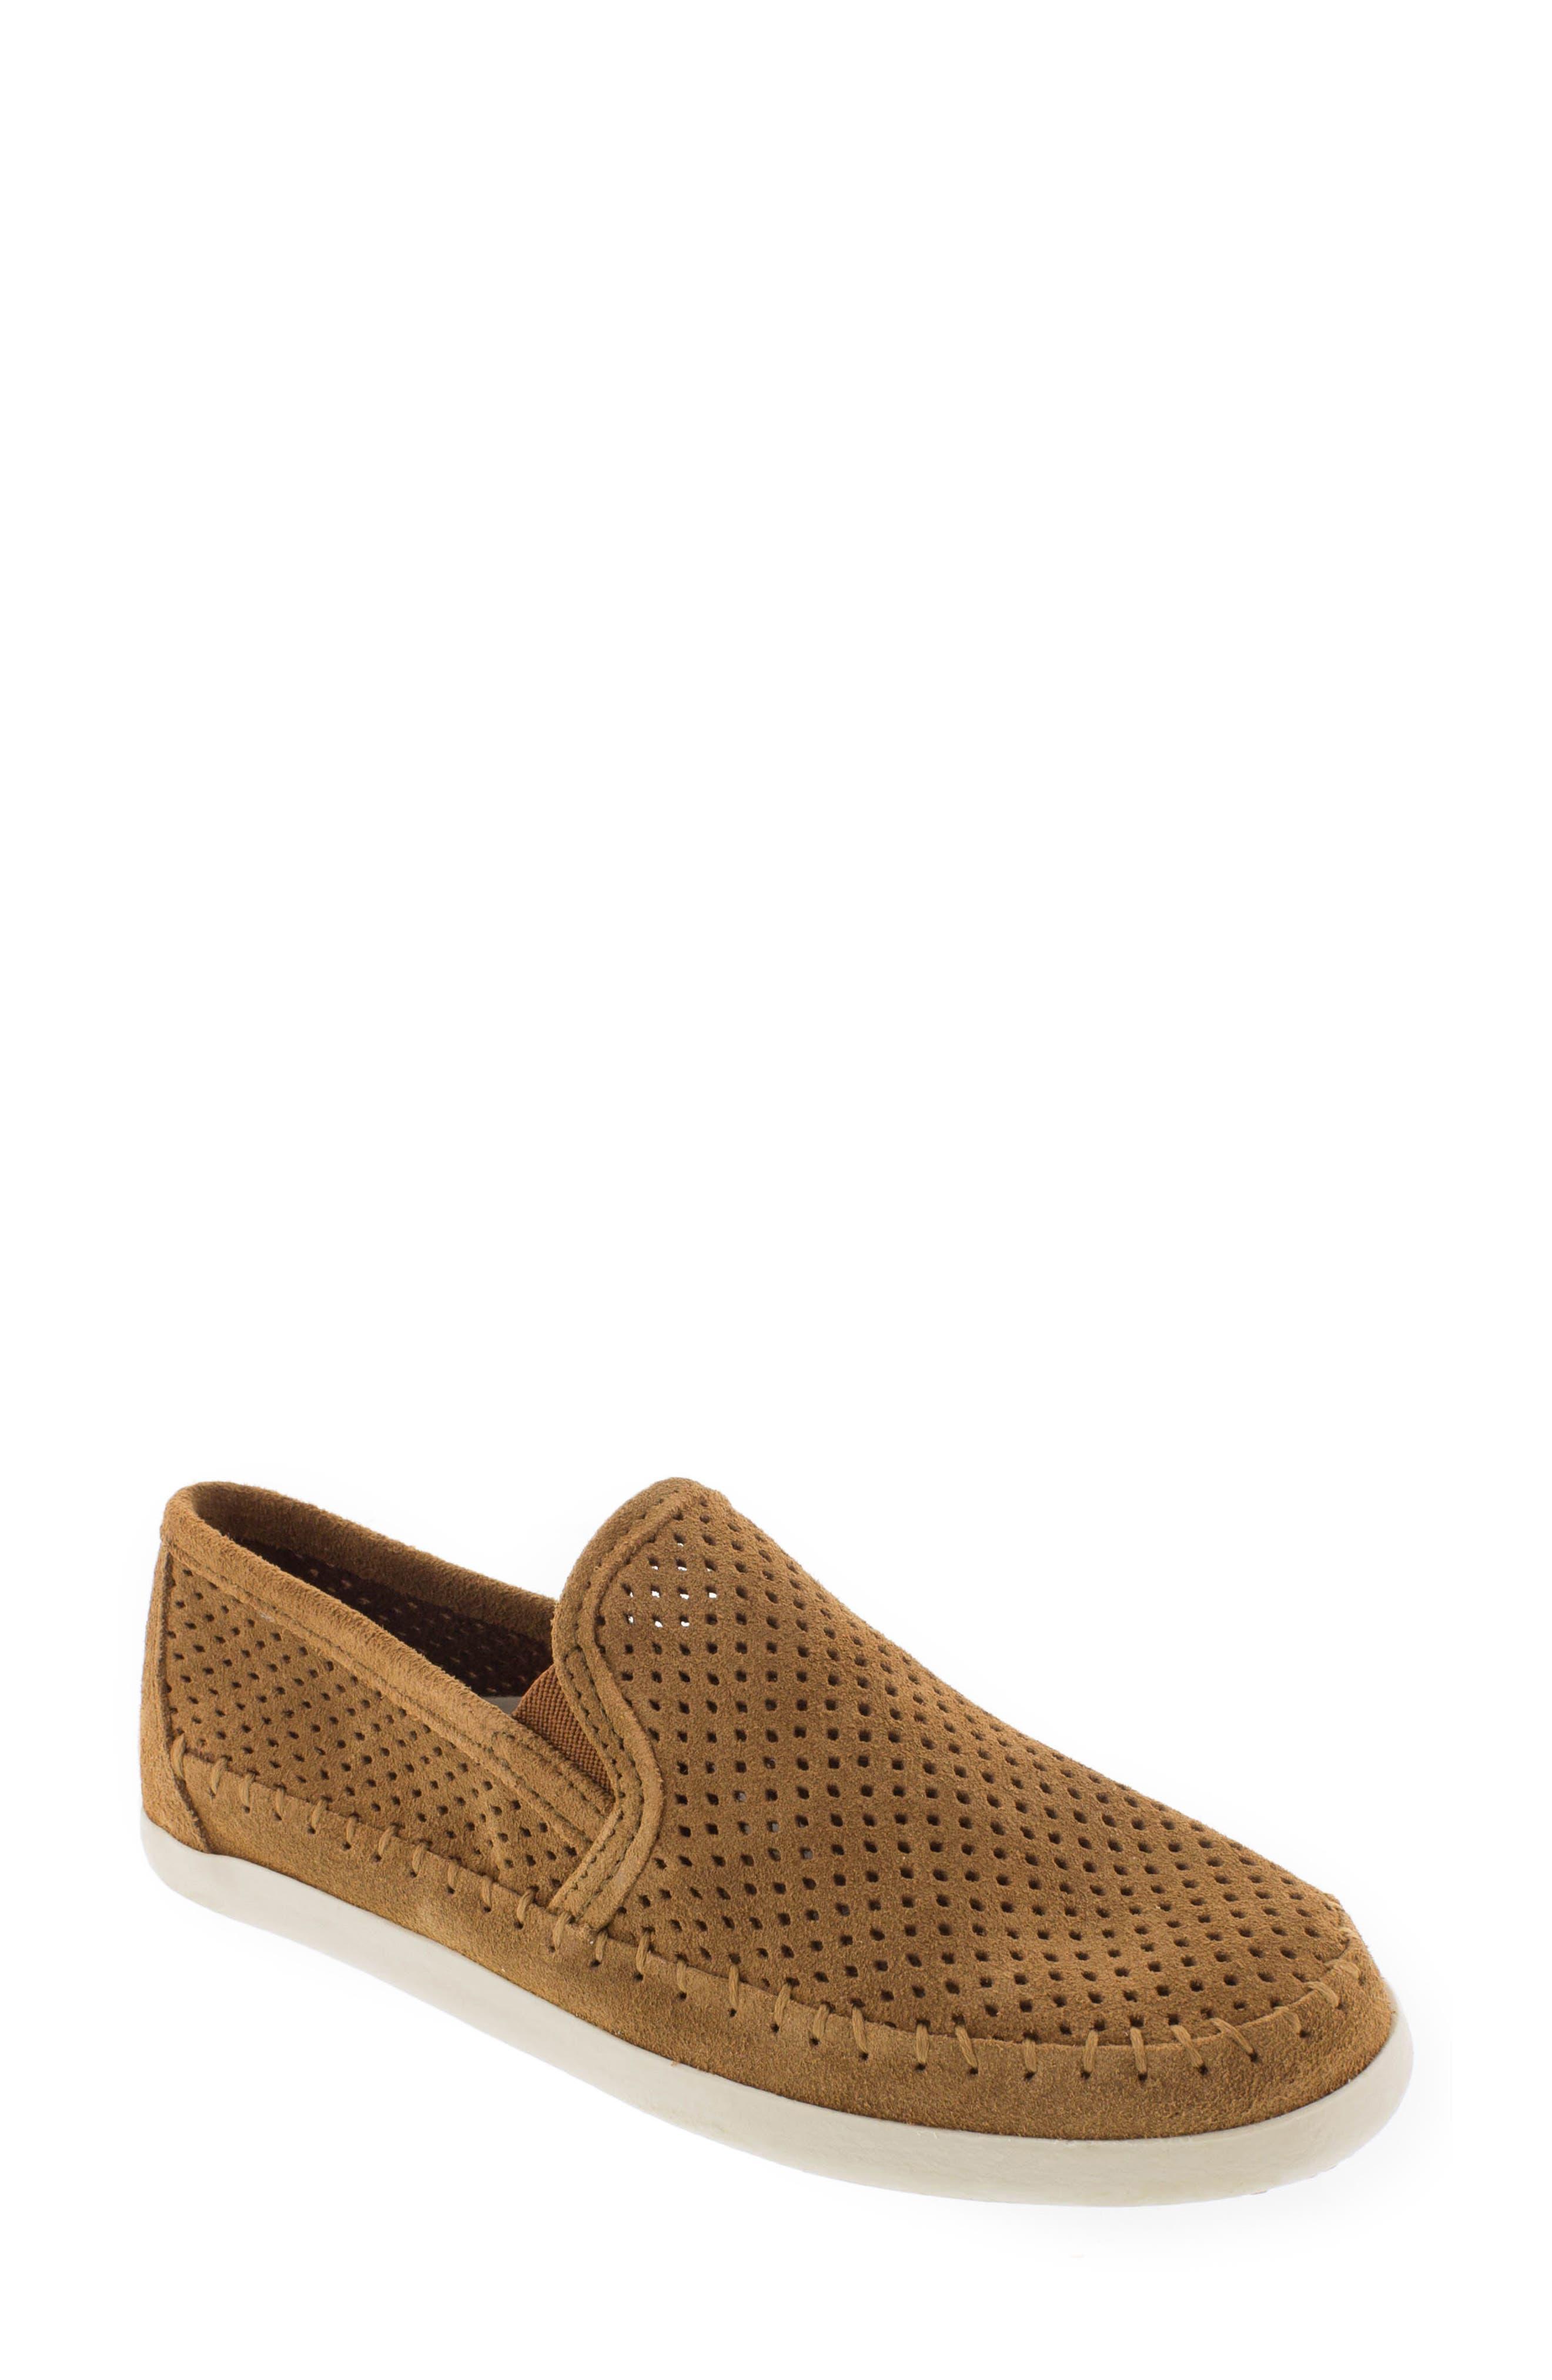 Minnetonka Pacific Slip-On Sneaker (Women)